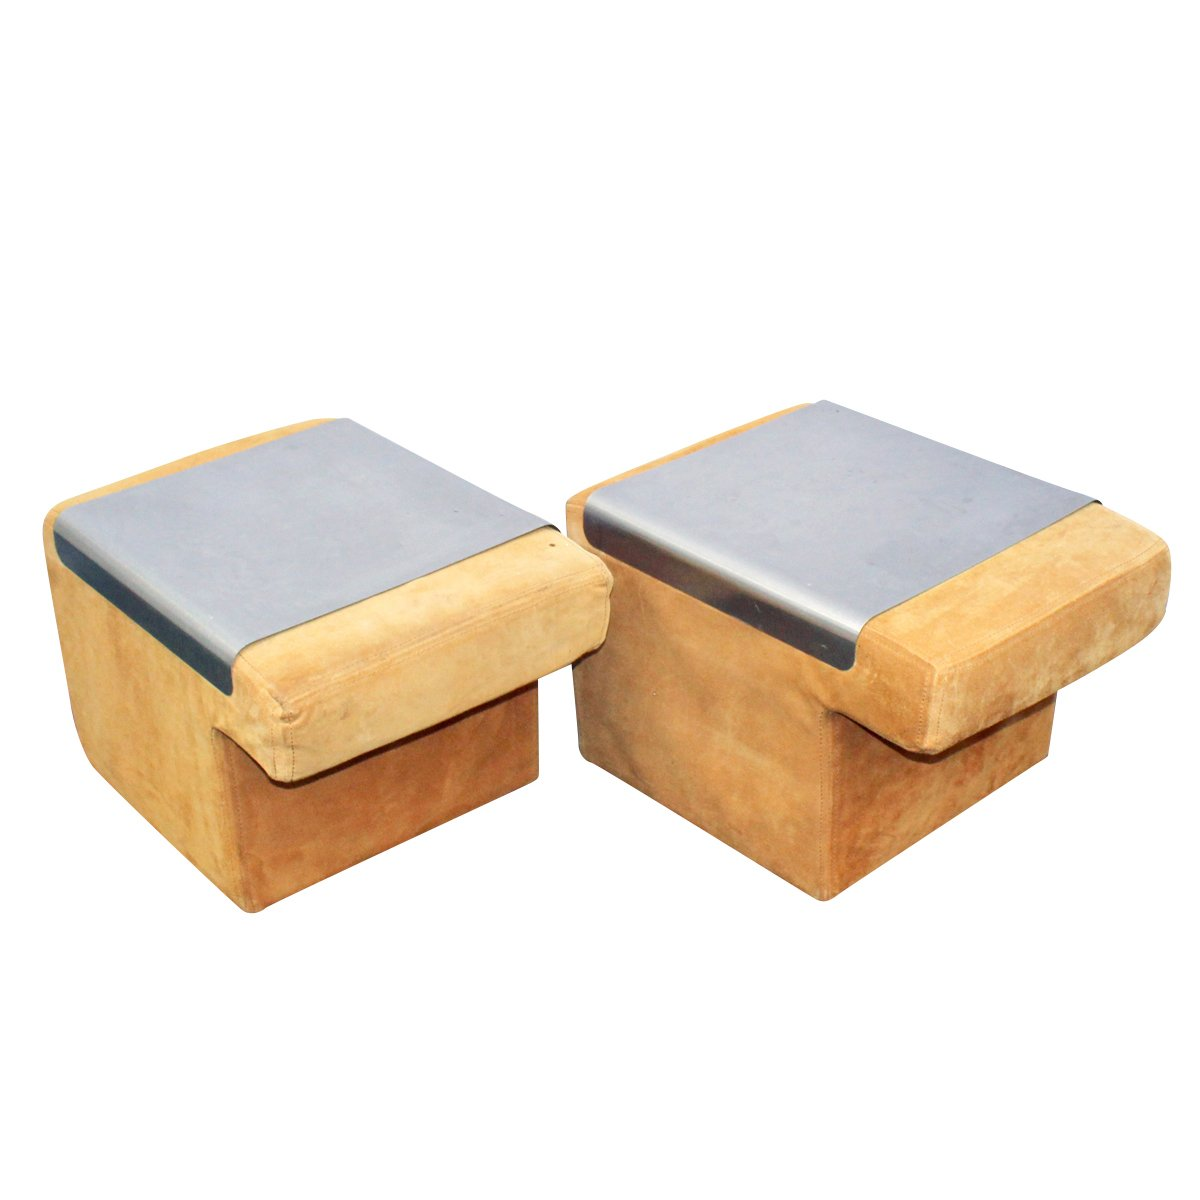 sofa endst cke aus wildleder und edelstahl 1970er 2er set bei pamono kaufen. Black Bedroom Furniture Sets. Home Design Ideas